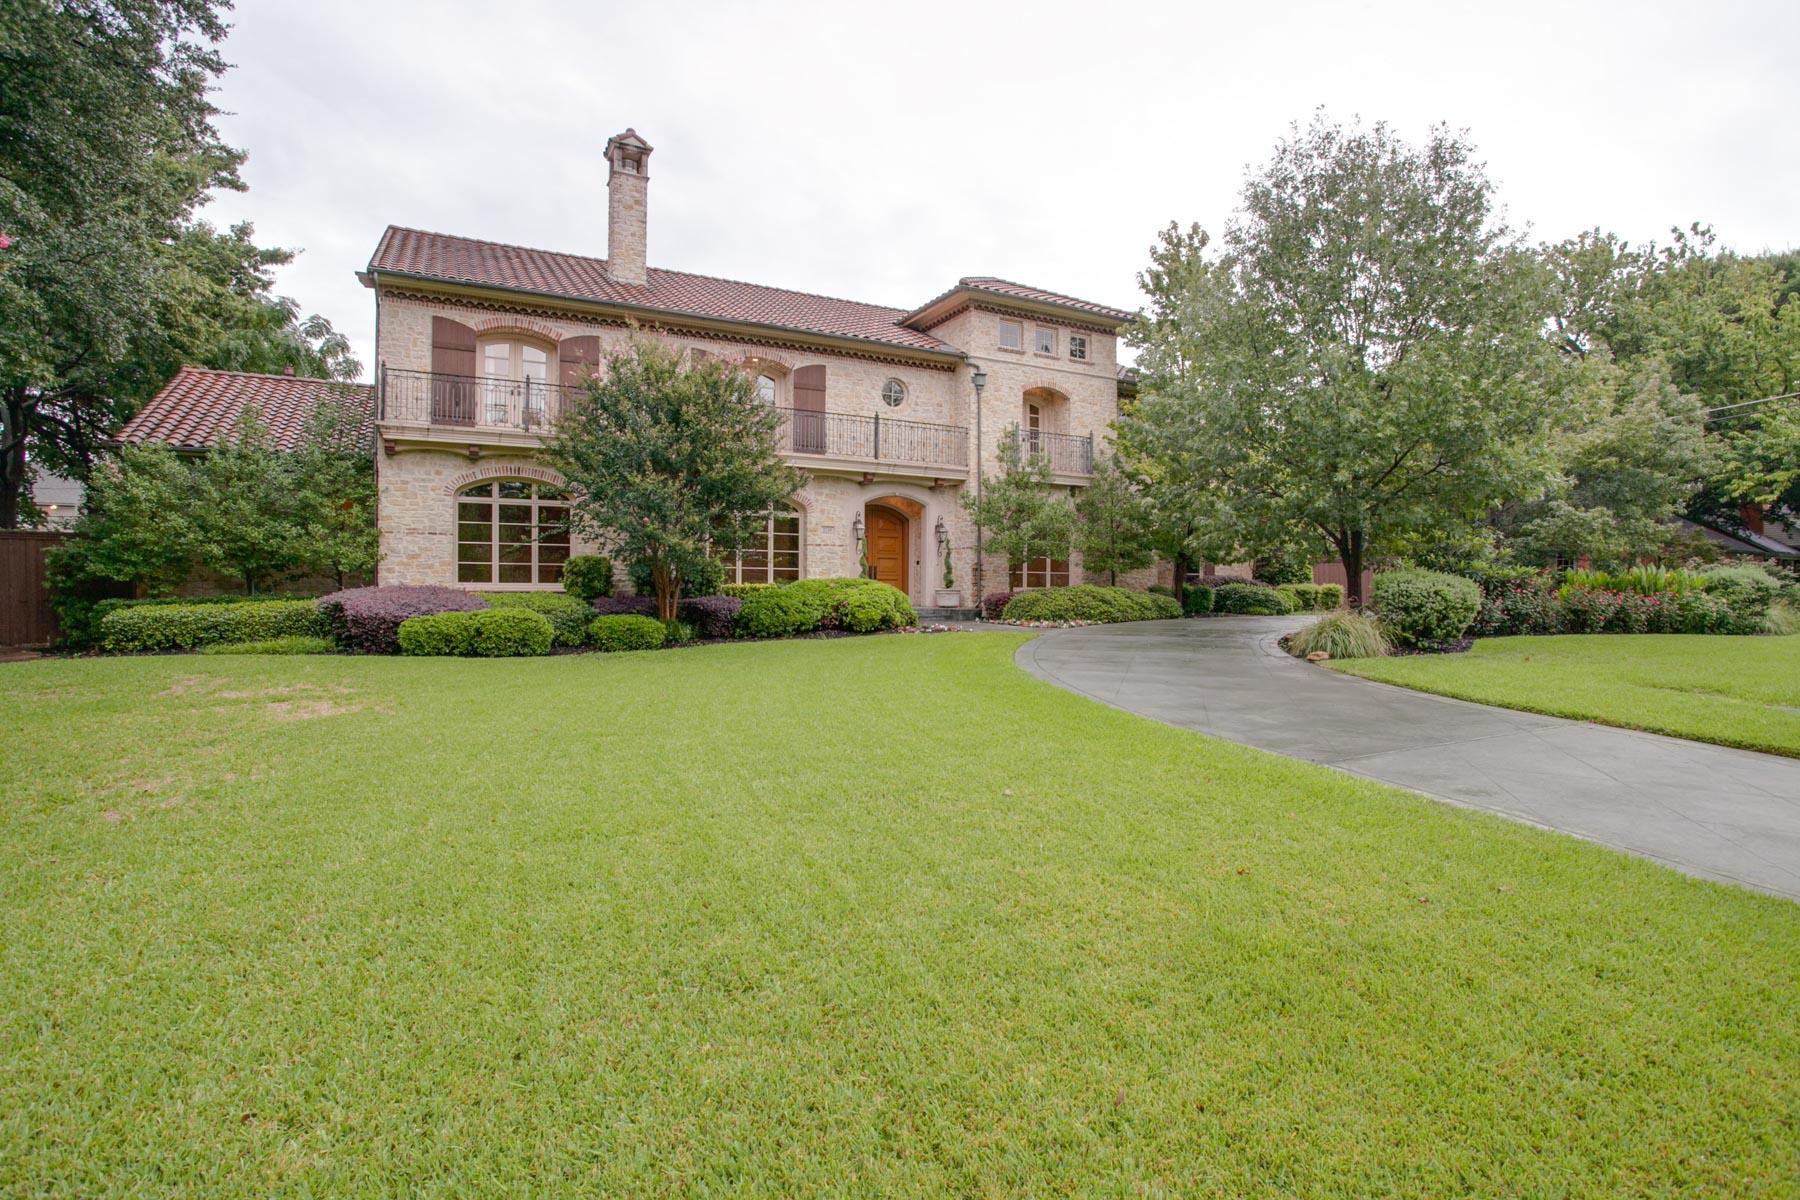 Einfamilienhaus für Verkauf beim Stunning Home 5749 Redwood Ln Dallas, Texas, 75209 Vereinigte Staaten